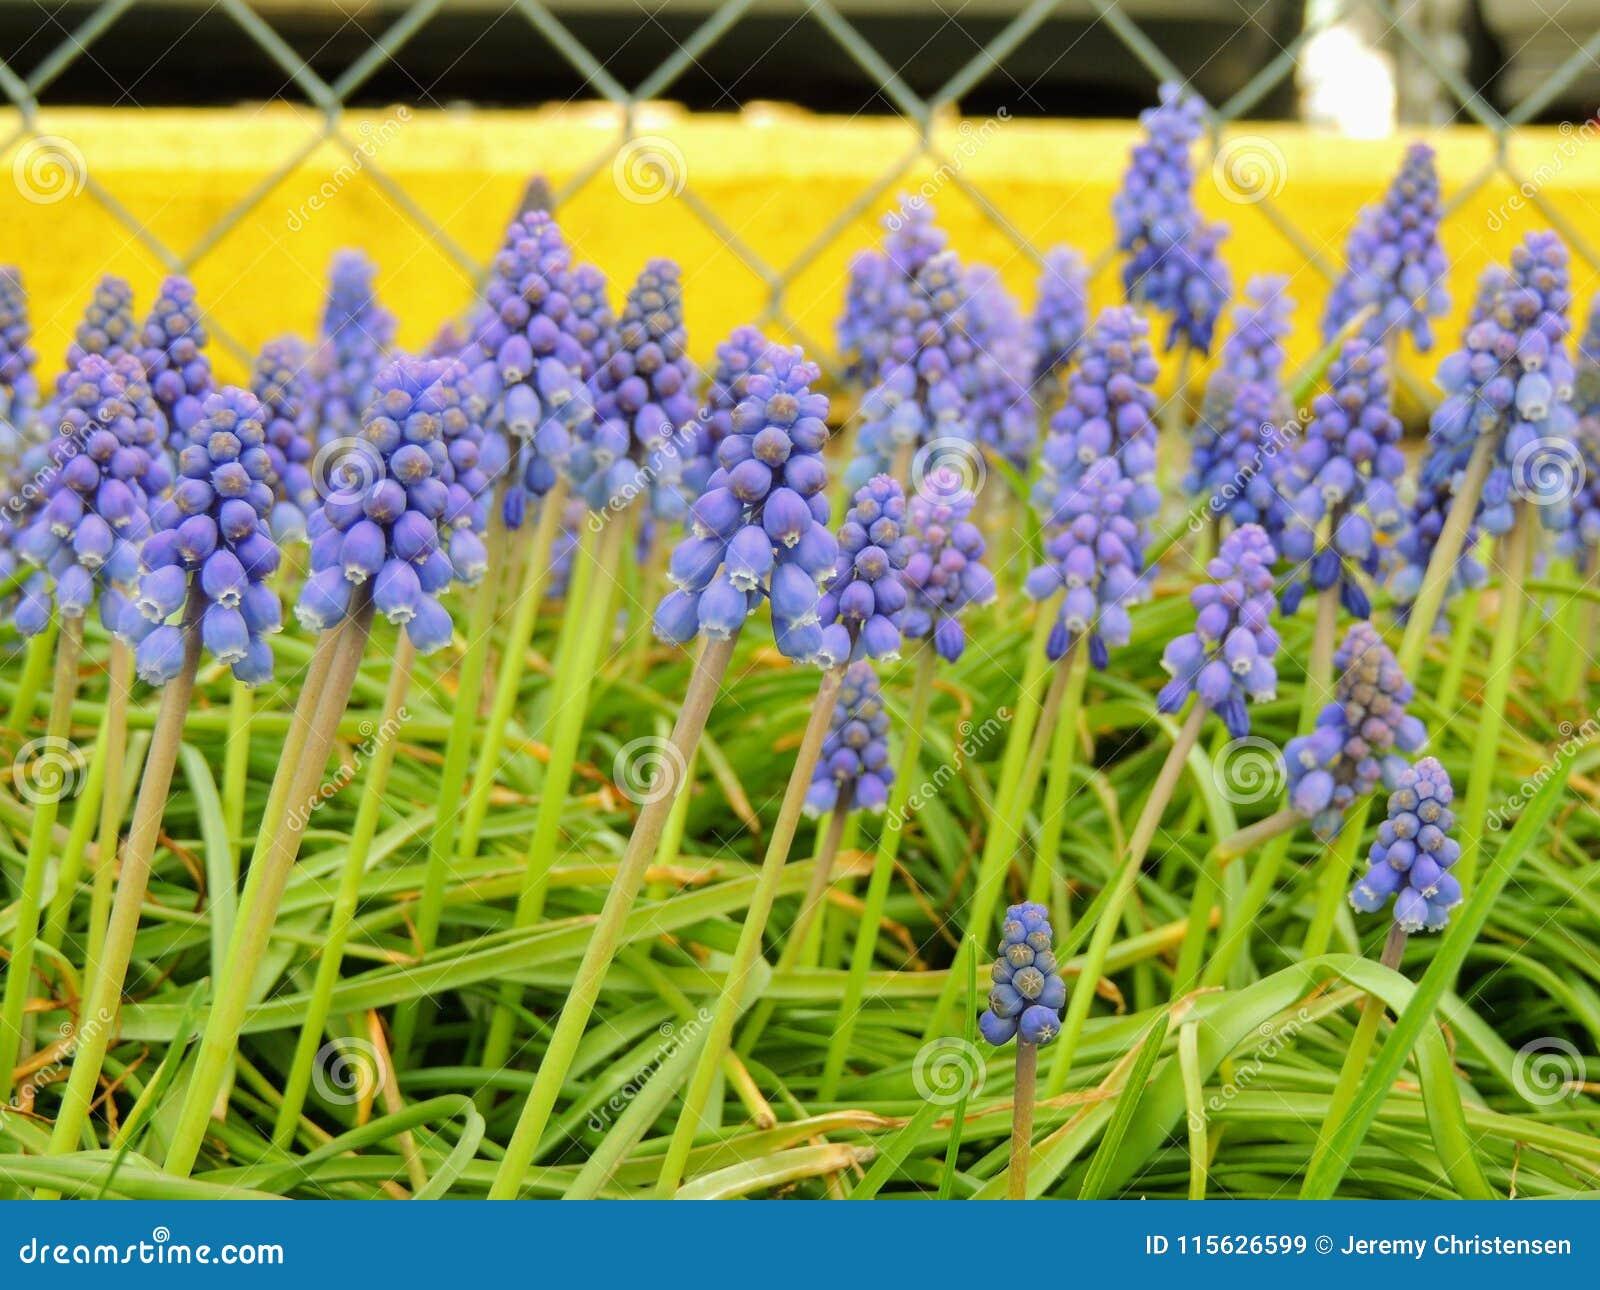 Armeniacum die van Muscari van de druivenhyacint in de vroege lente bloeien De macro van blauwe Muscari-bloemweide met gele rand